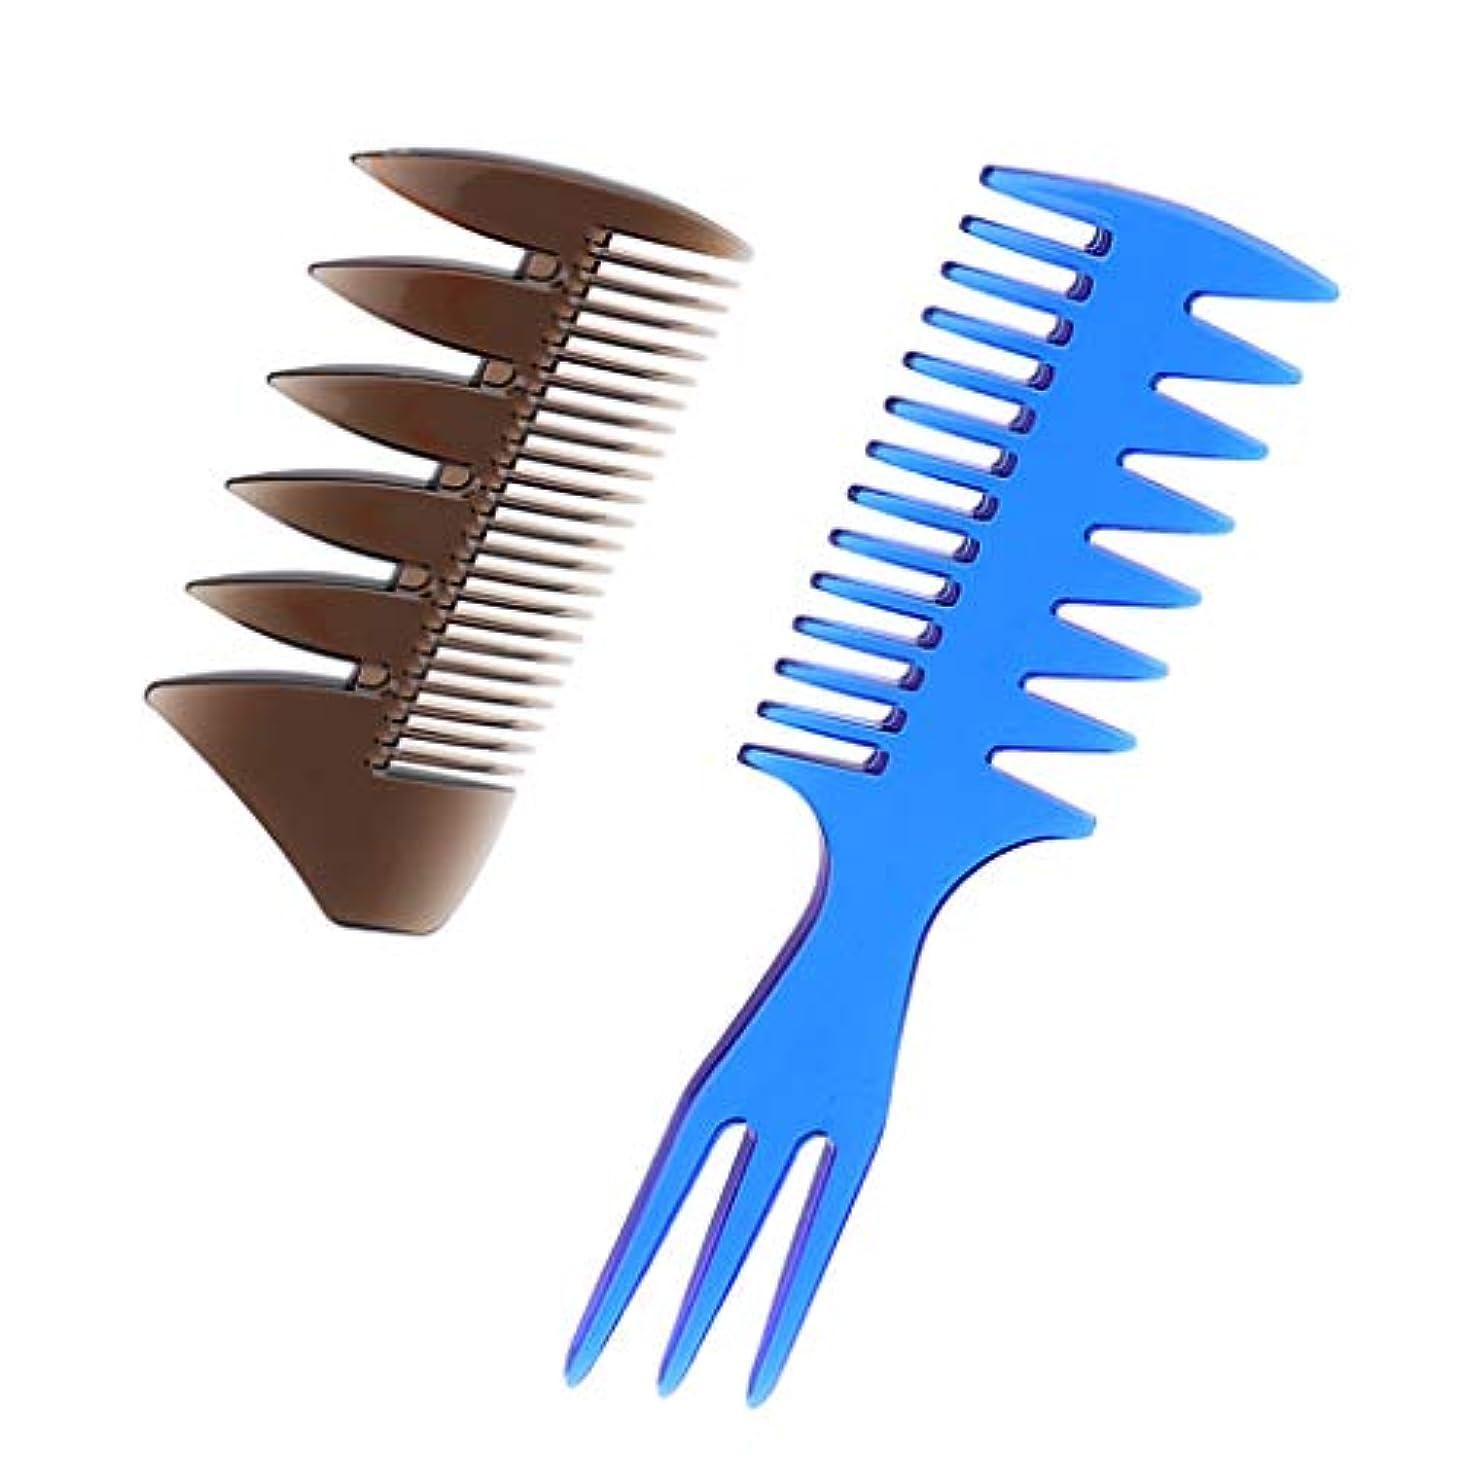 信頼性迷惑細断Toygogo 2ピースデュアルサイドおよび3ウェイメンズオイルヘアピックコームサロンダイサロン理髪スタイリング